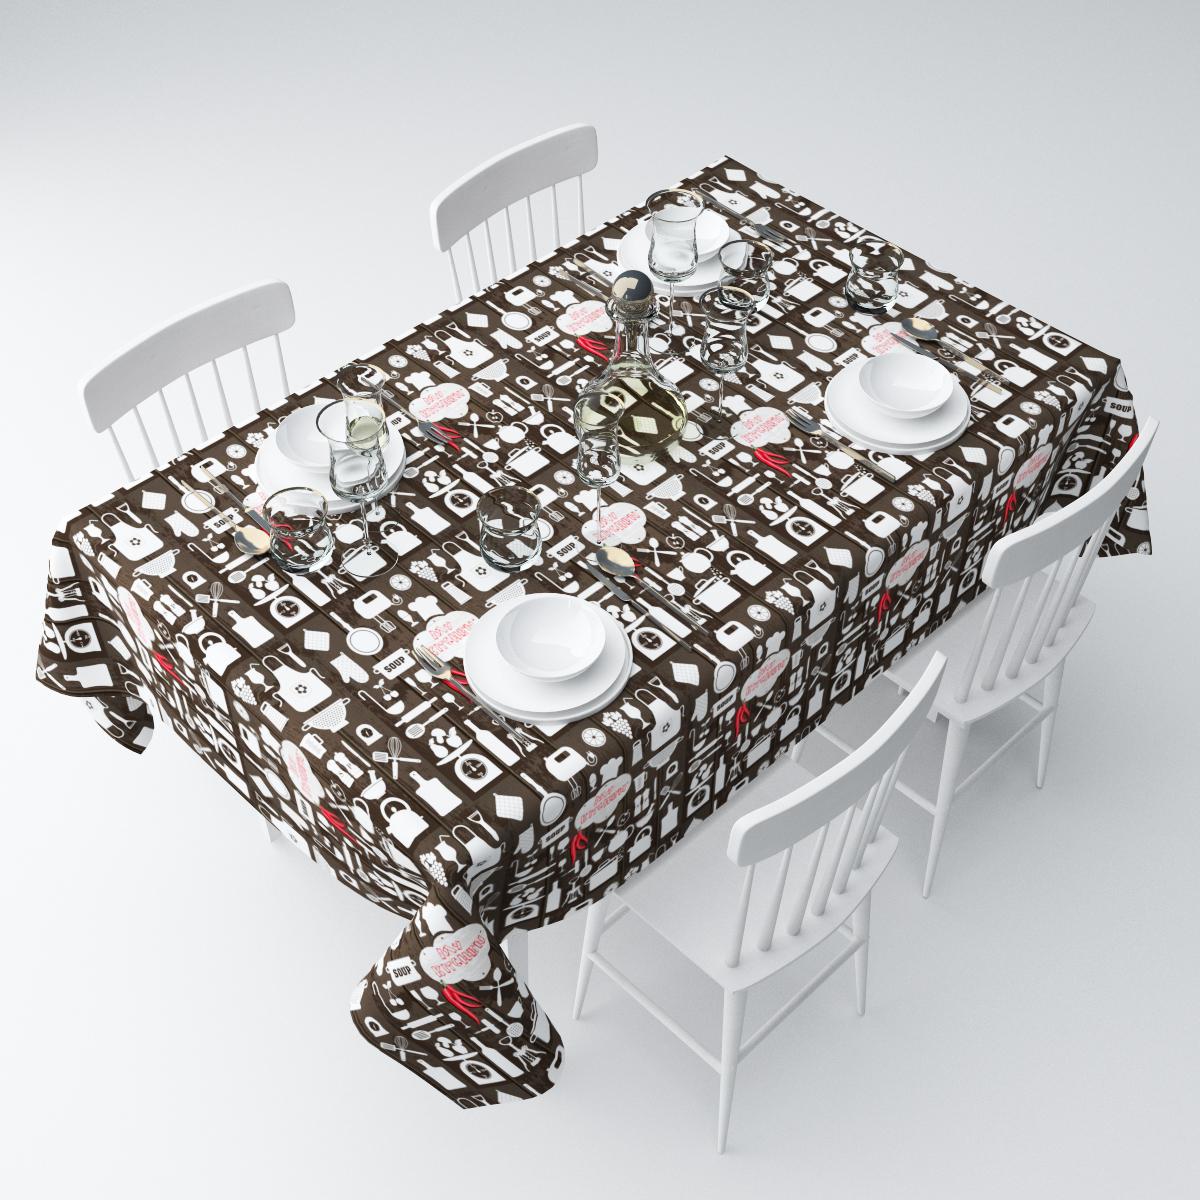 Скатерть Сирень Моя кухня, прямоугольная, 145 х 220 смСКГБ004-04060Скатерть Сирень с ярким и объемным рисунком преобразит Вашу кухню, визуально расширит пространство, создаст атмосферу радости и комфорта. Размеры: 145х220 Рекомендации по уходу: стирка при 30 градусах гладить при температуре до 110 градусов Изображение на мониторе может немного отличаться от реального.